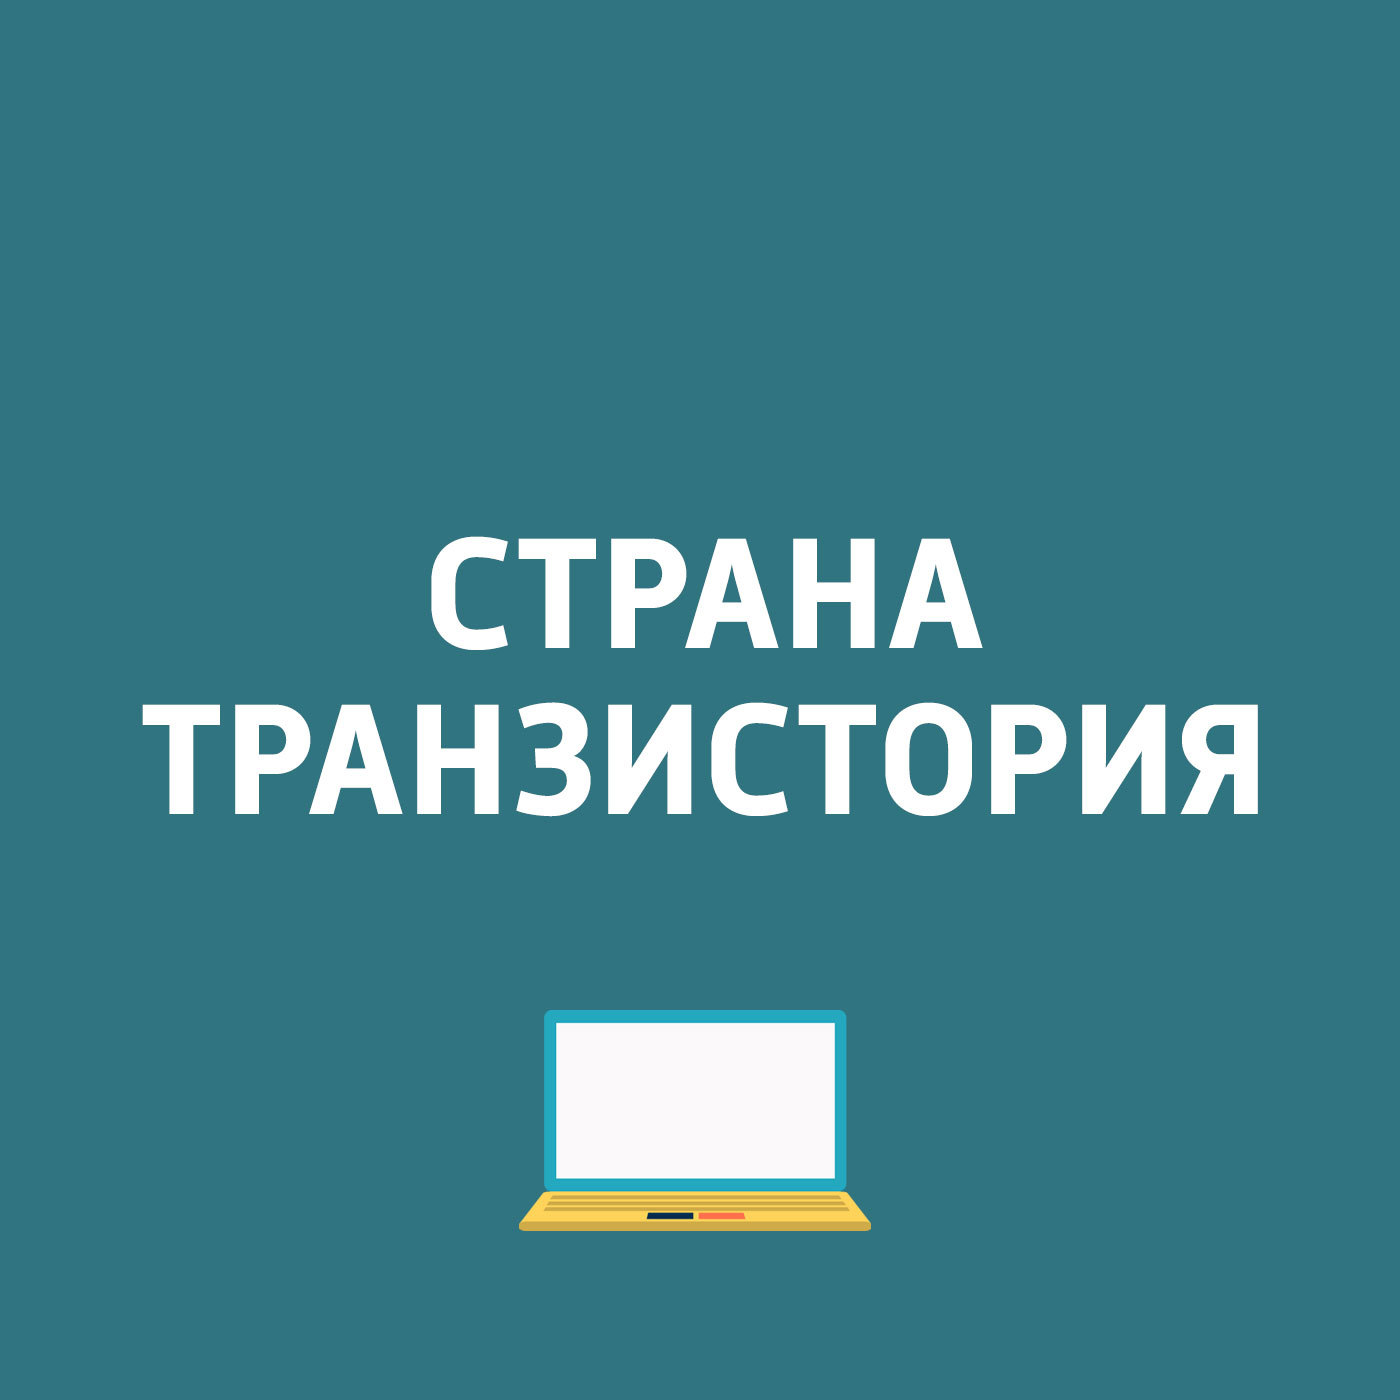 Картаев Павел Samsung Galaxy Note 8 получит кодовое имя «Байкал